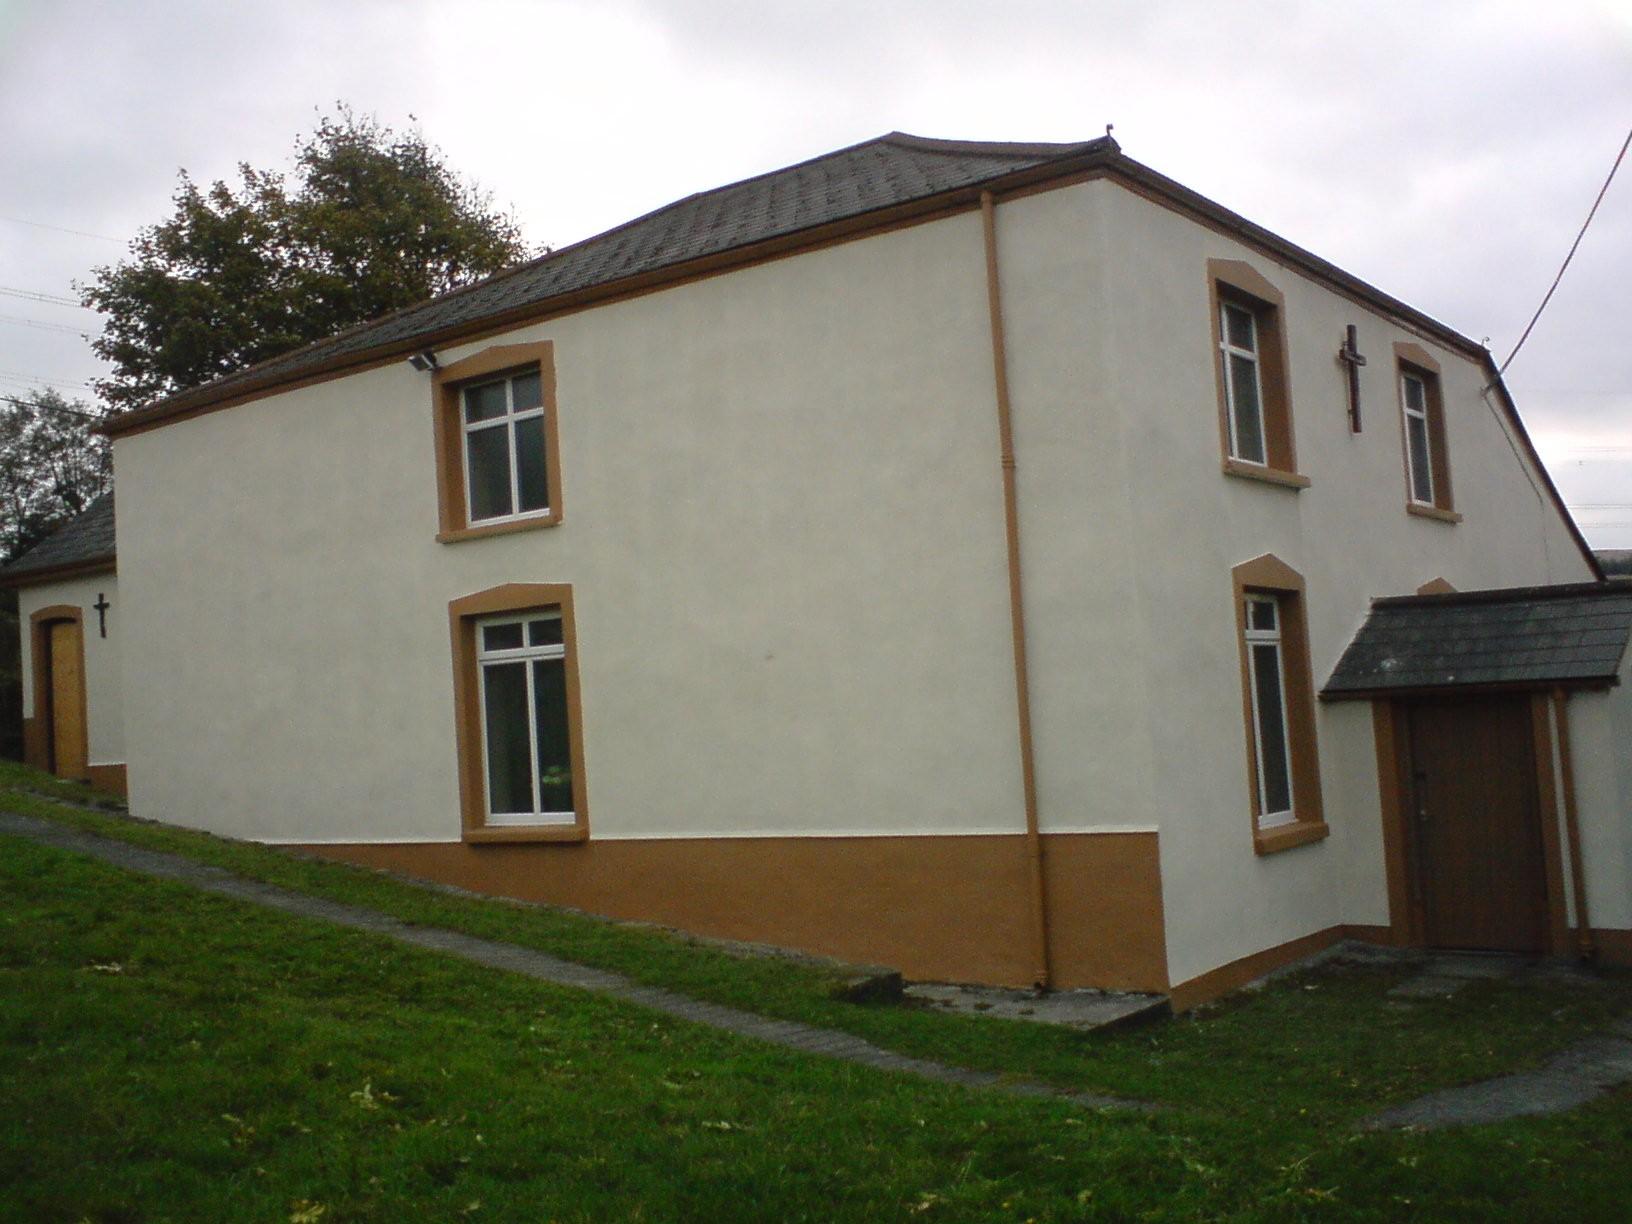 llanelli-hill-chapel-2-oct-2007